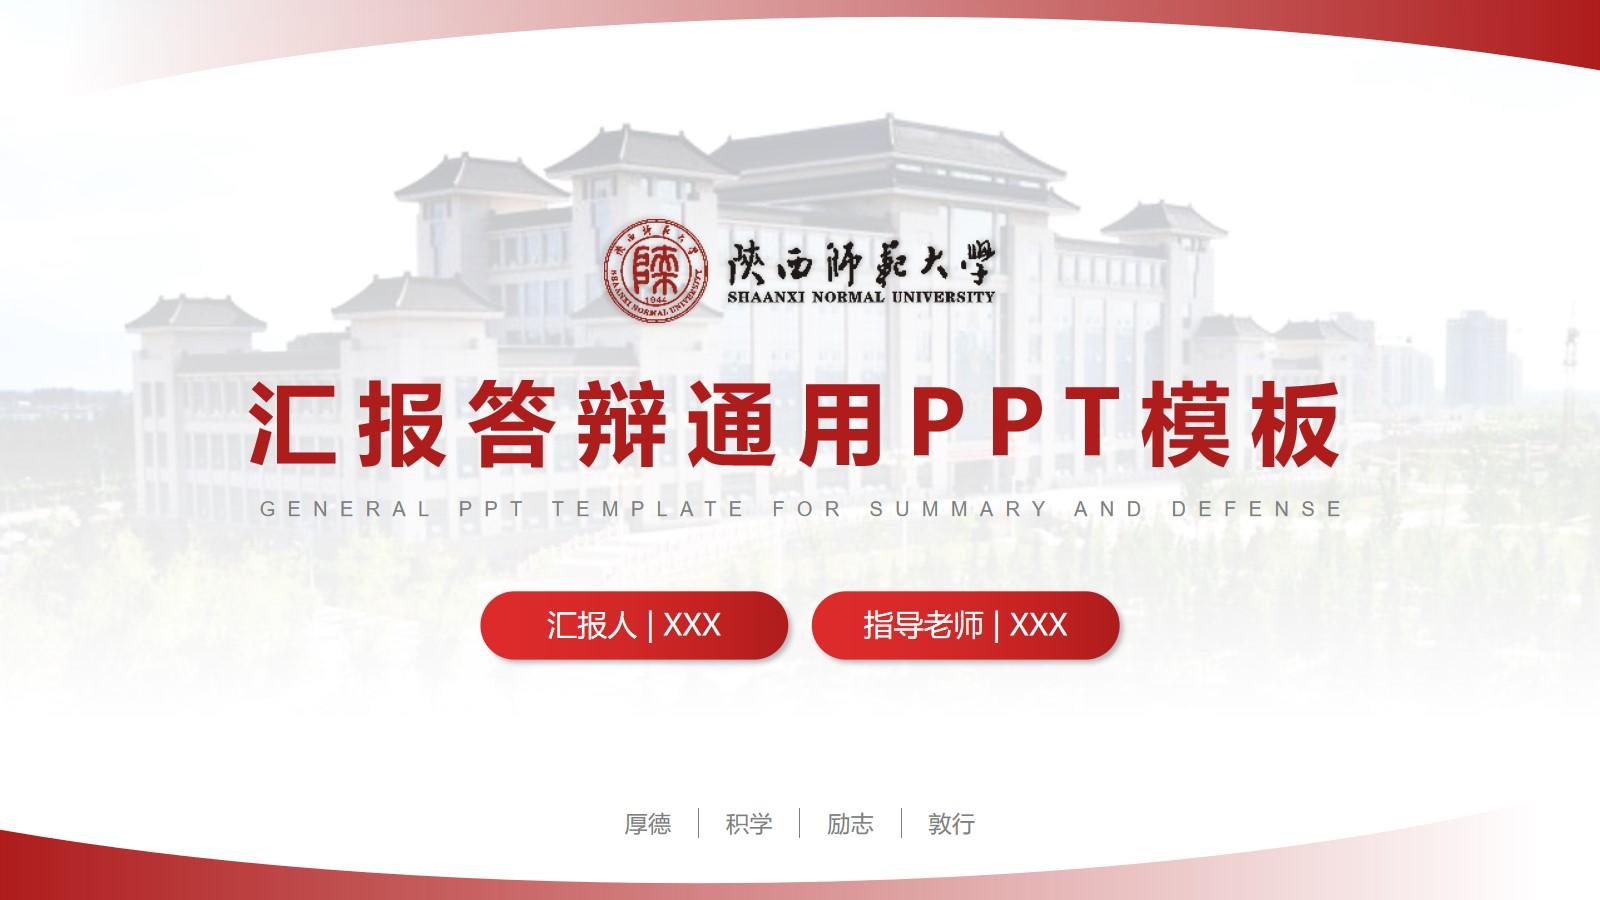 陕西师范大学毕业汇报答辩通用ppt模板